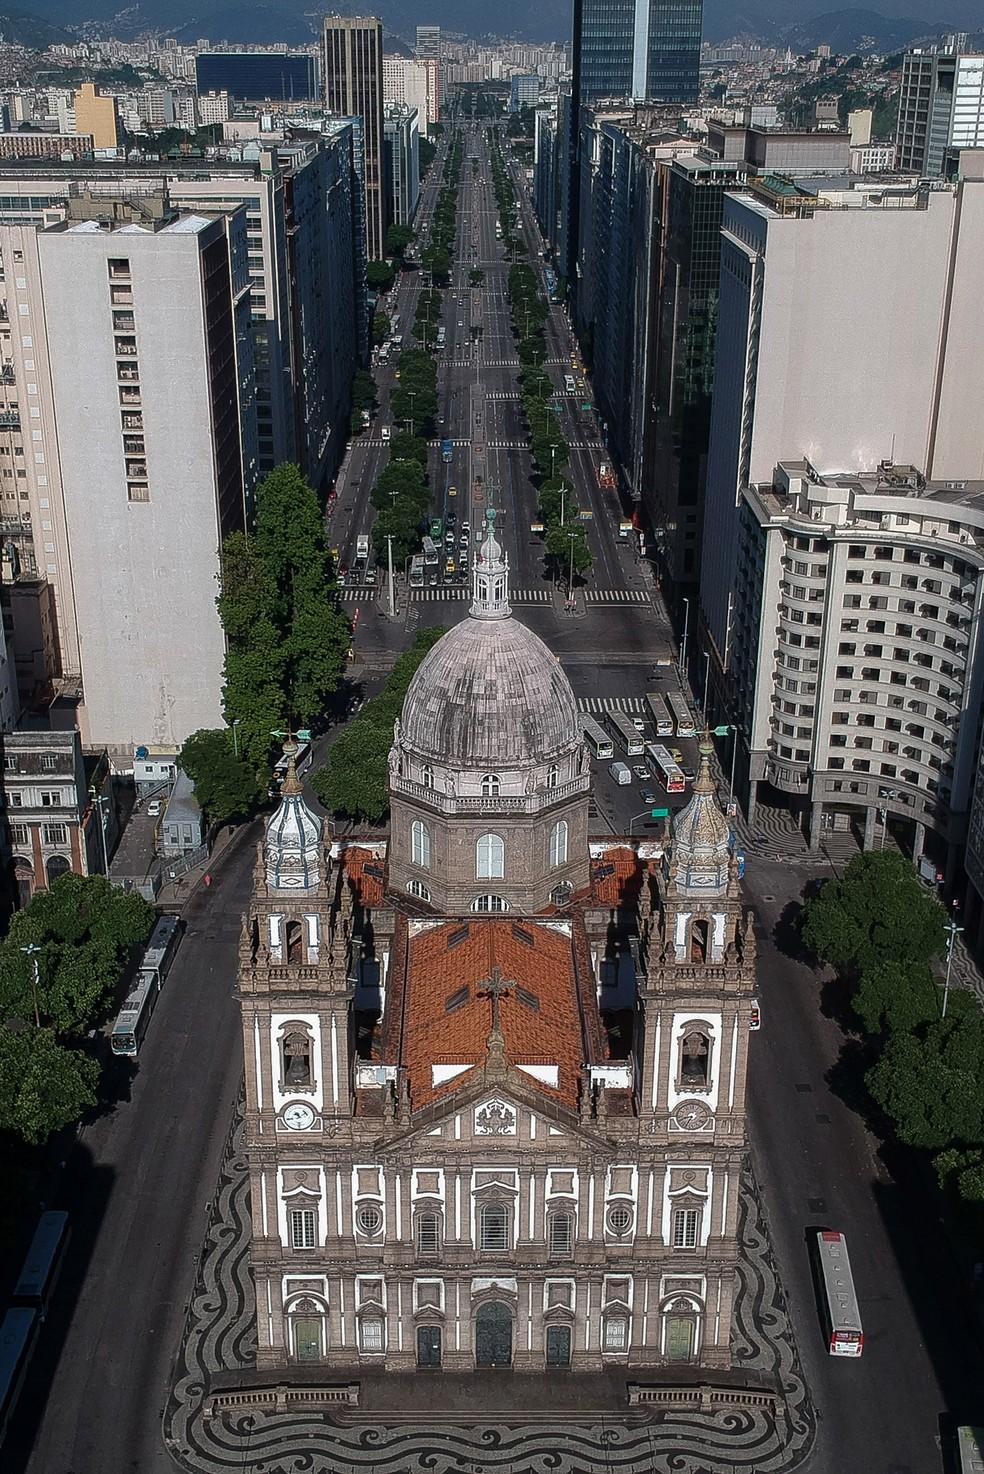 Vista aérea da igreja da Candelaria e da avenida Presidente Vargas vazia no centro do Rio de Janeiro nesta quarta-feira (25) durante a epidemia do novo coronavírus — Foto: Mauro Pimentel/AFP